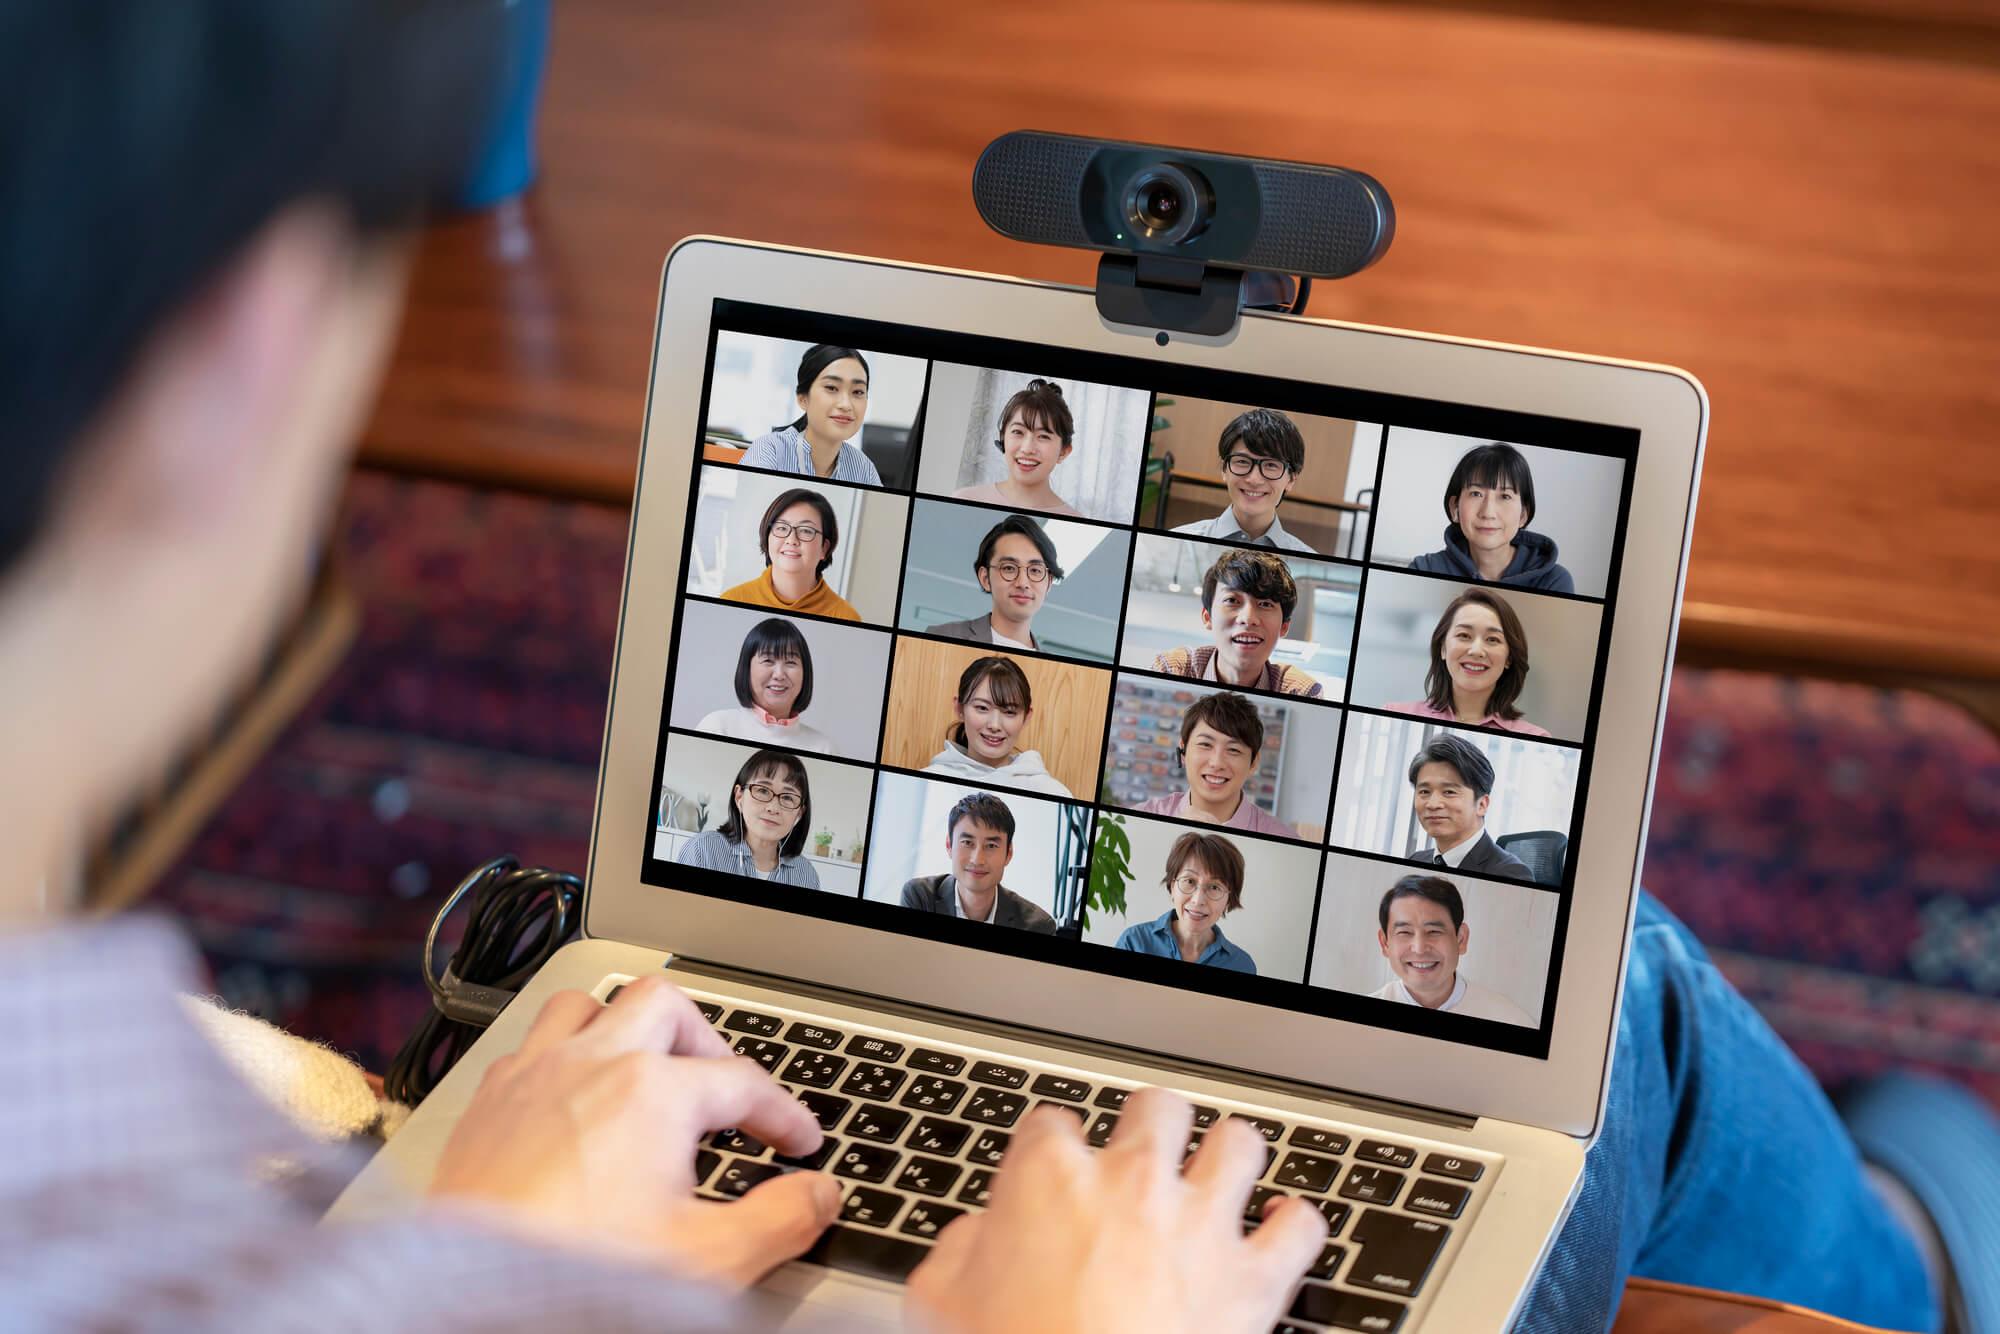 テレワークでオンライン会議に参加する男性